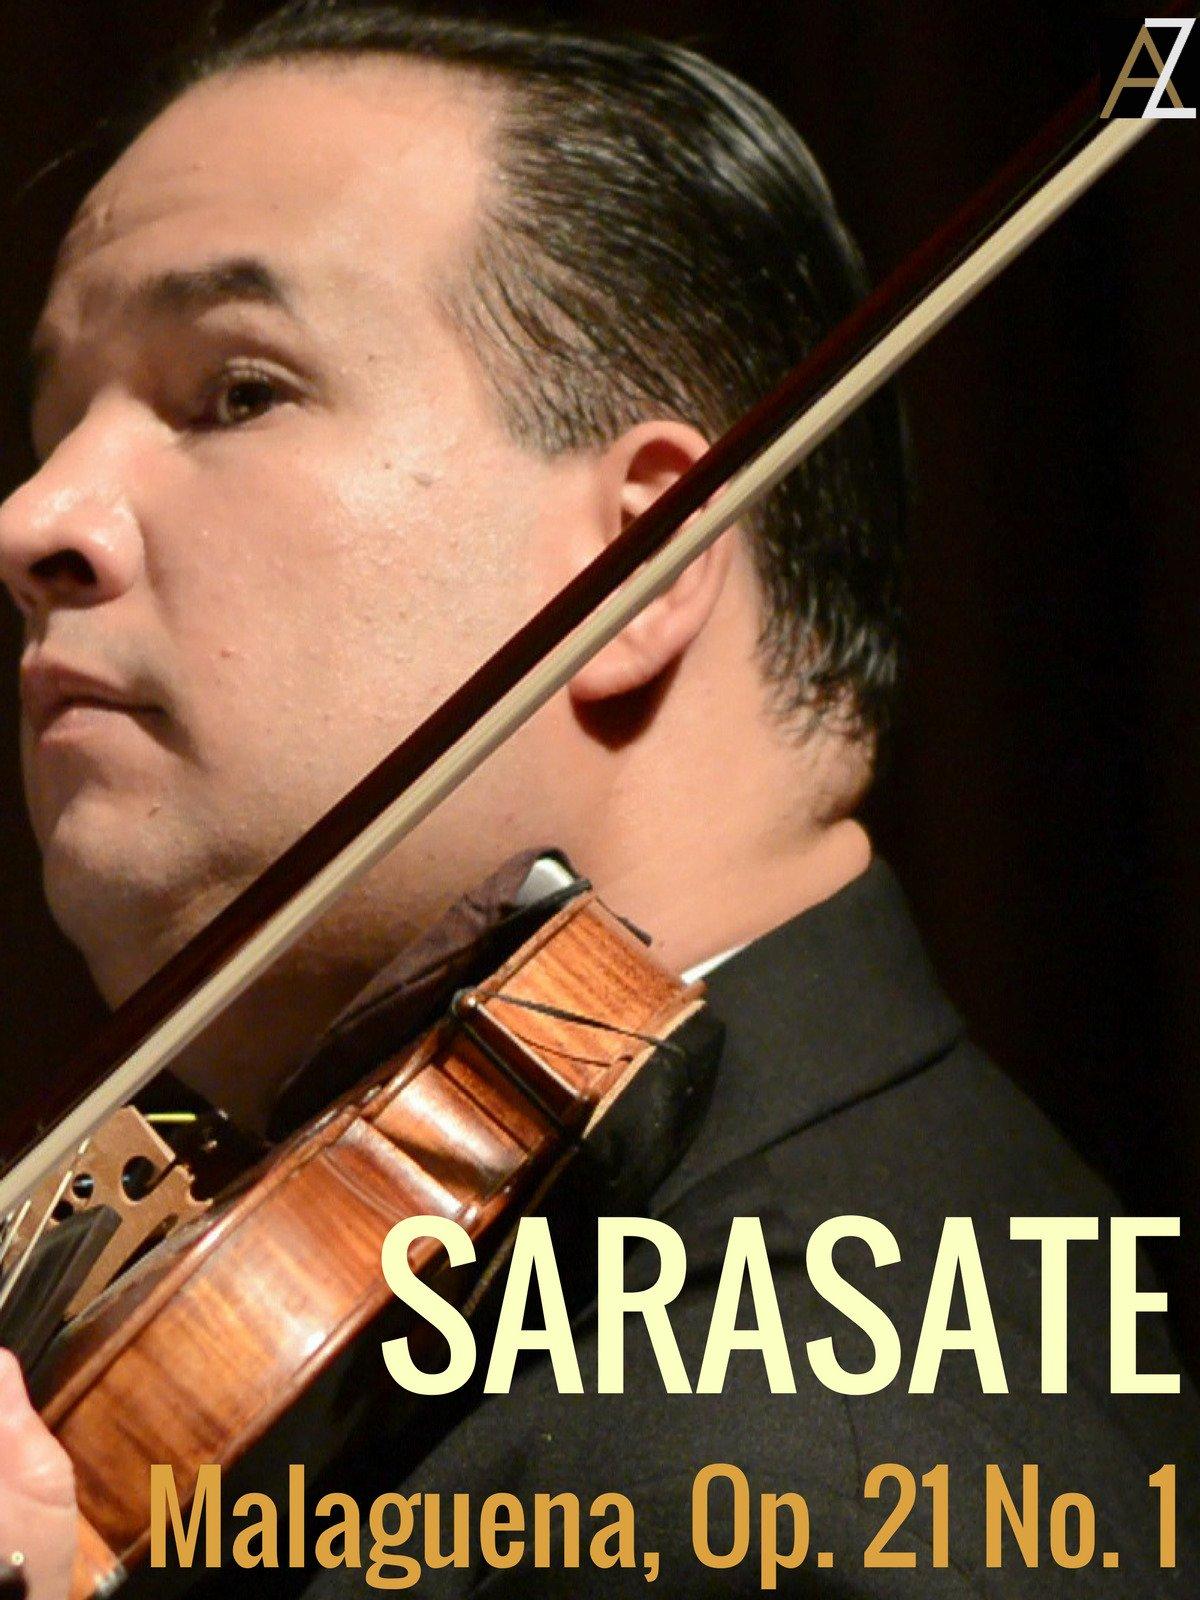 Sarasate: Malaguena, Op. 21 No. 1